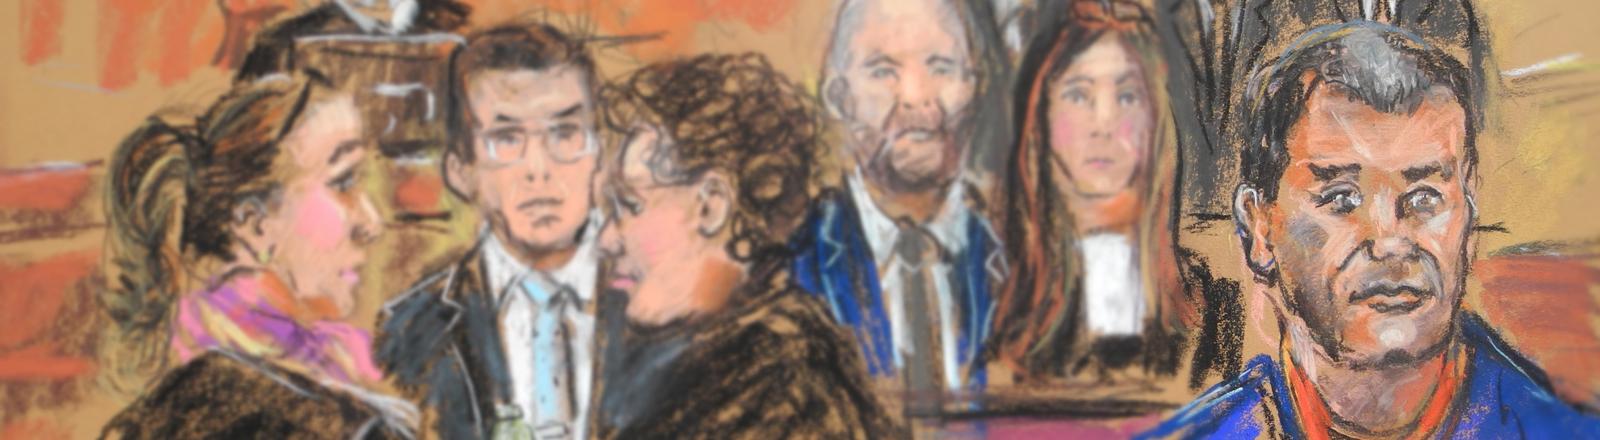 Der Drogenboss Joaquin Guzman Loera (vorne, rechts), bekannt als «El Chapo», bei einer Anhörung vor Gericht in NewYork, USA, am 03.02.2017. Hinten links sitzt der Richter Brian Cogan.